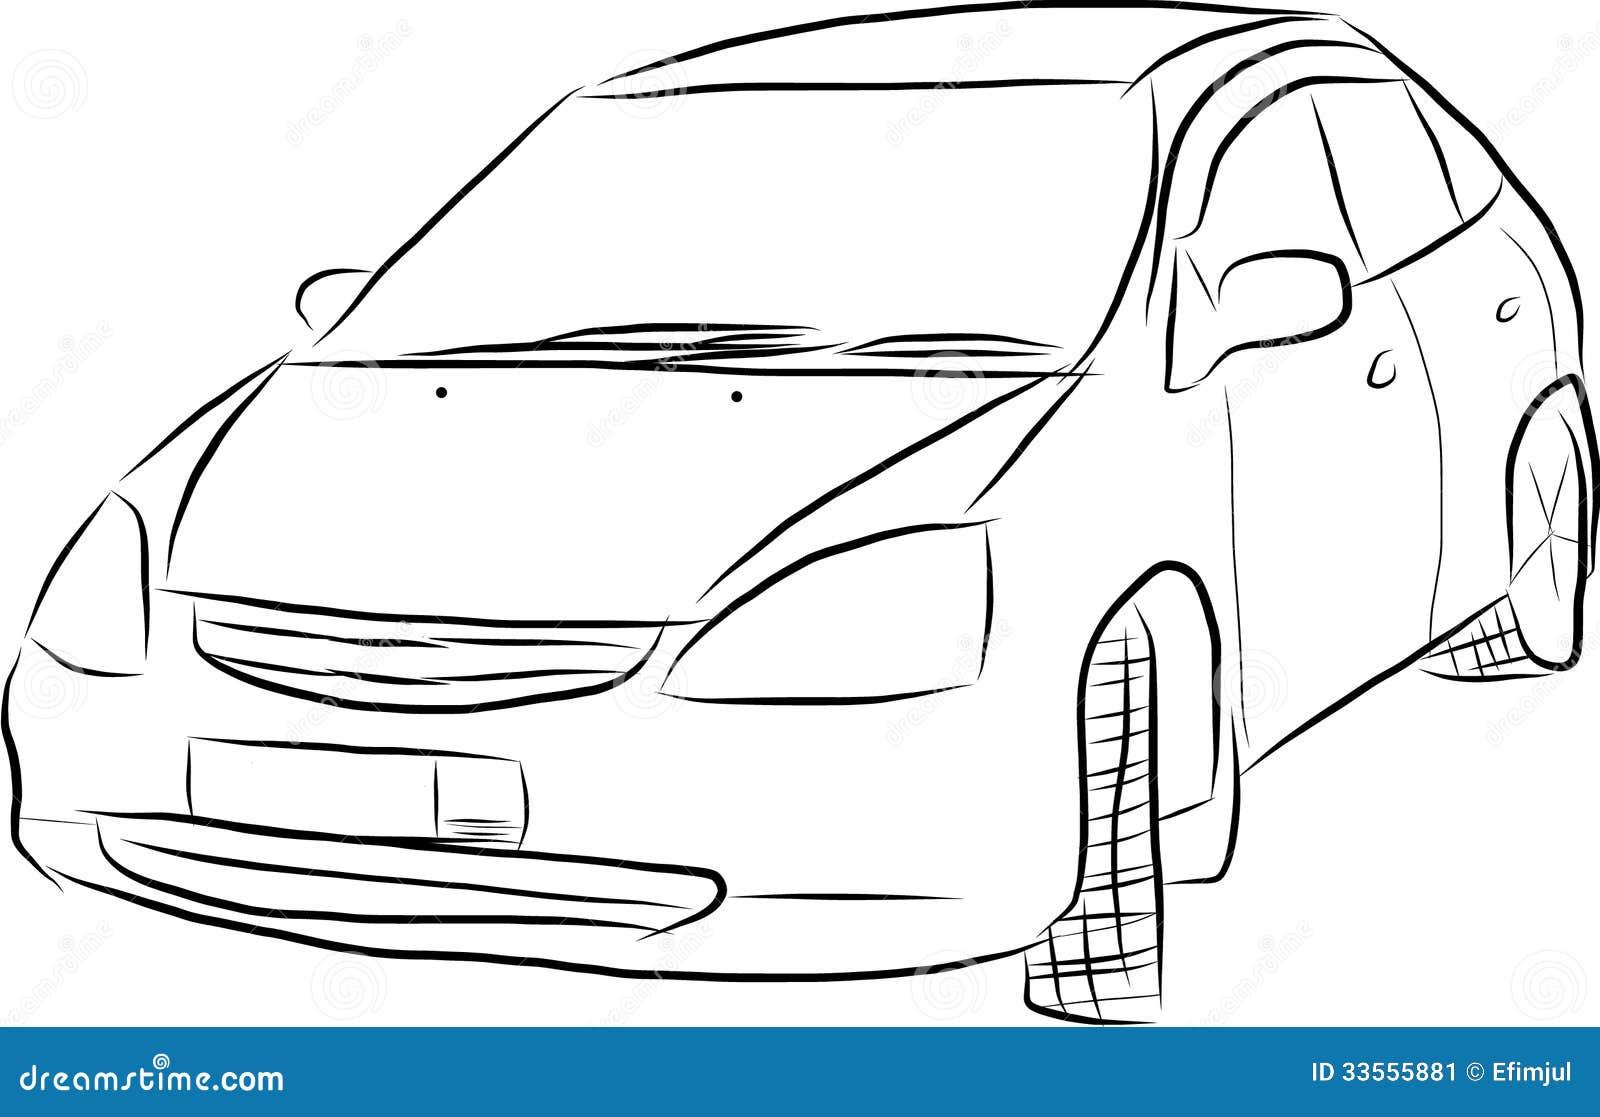 Skizze eines Autos vektor abbildung. Illustration von auto - 33555881